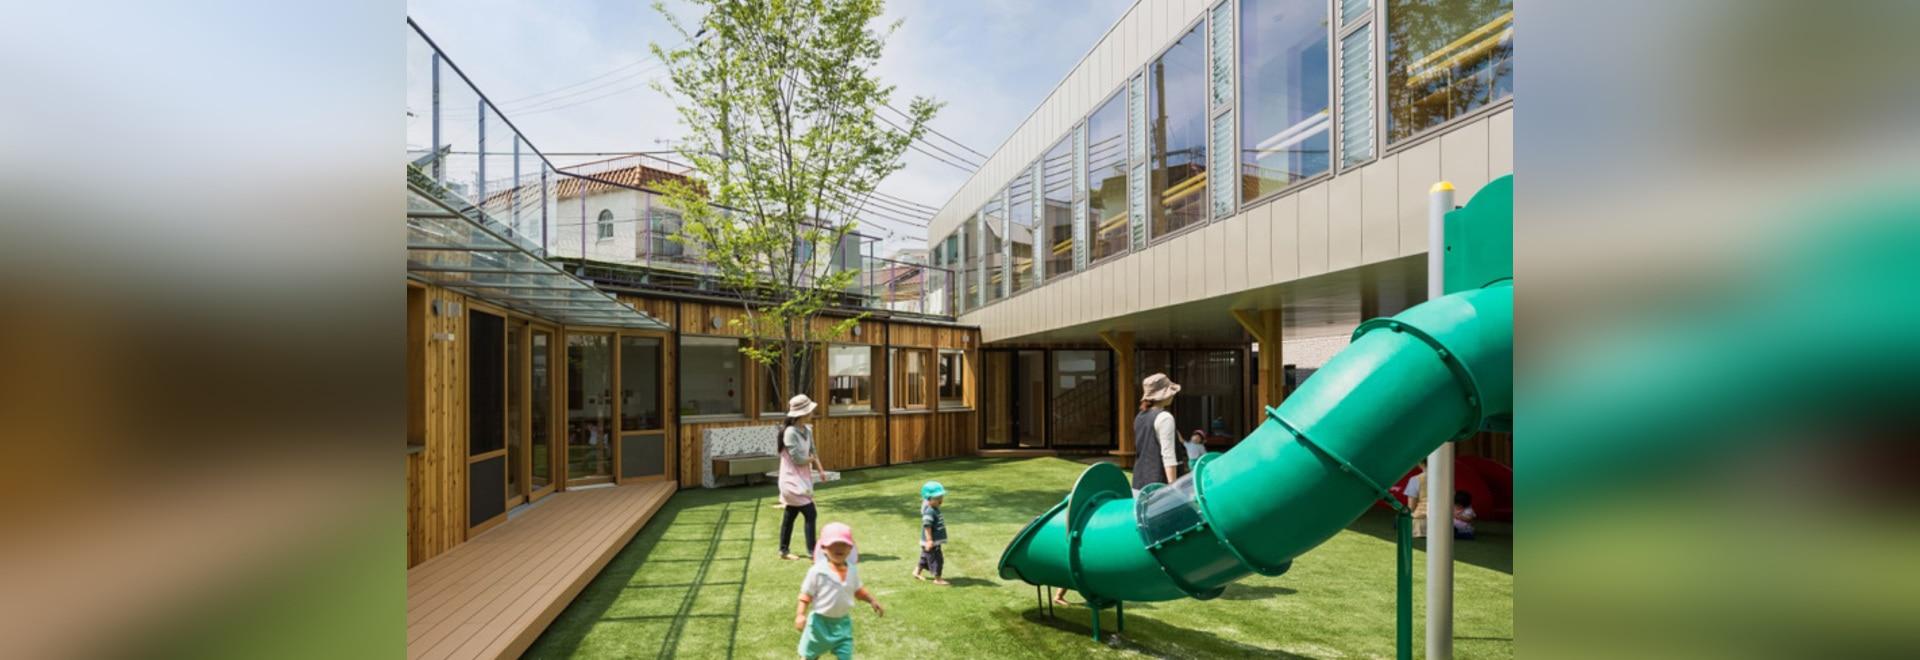 el suga del tadashi articula jardín de la infancia del takeno alrededor de un patio del patio